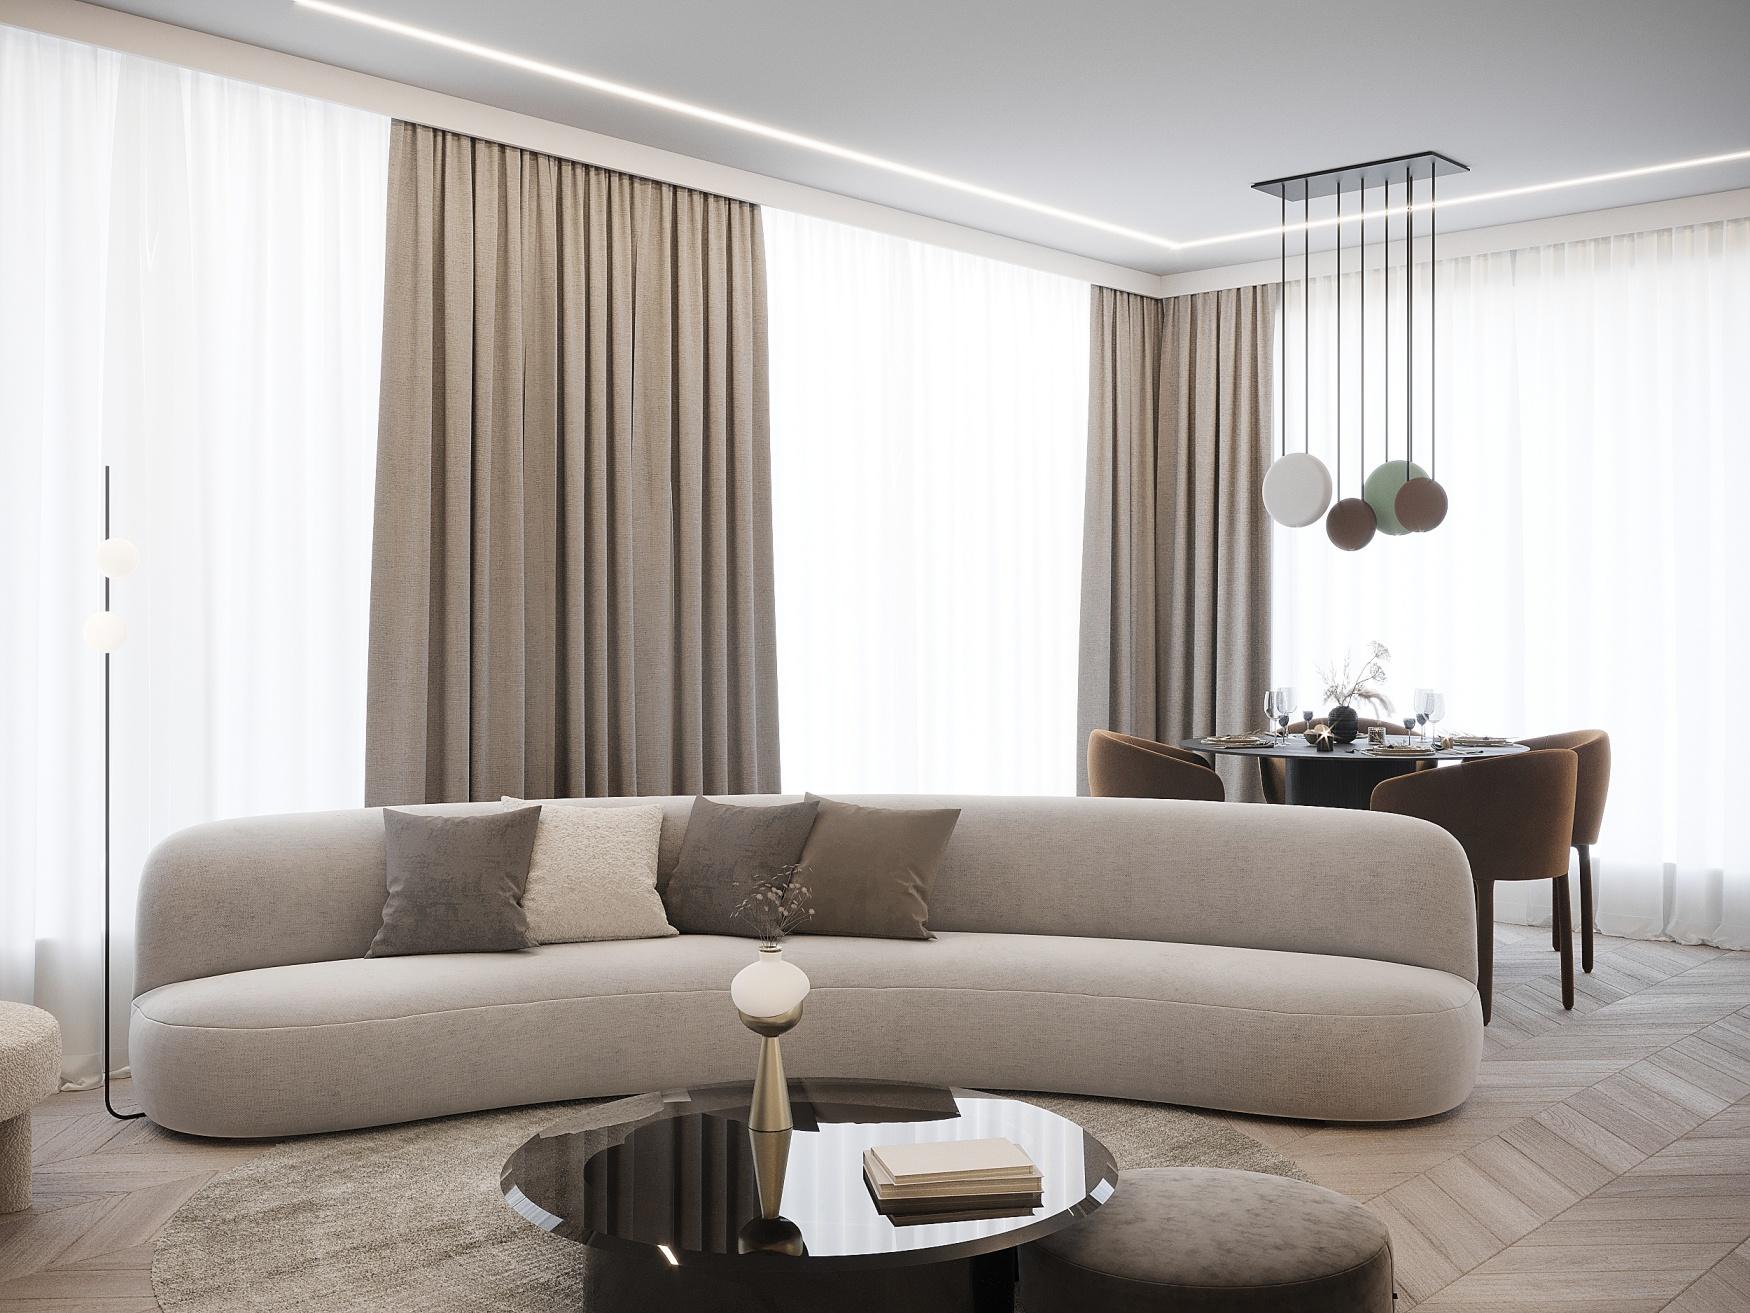 Czteropokojowe mieszkanie jest zlokalizowane w centrum Warszawy i liczy prawie 100 m² powierzchni. Projekt i zdjęcia Moovin Interiors